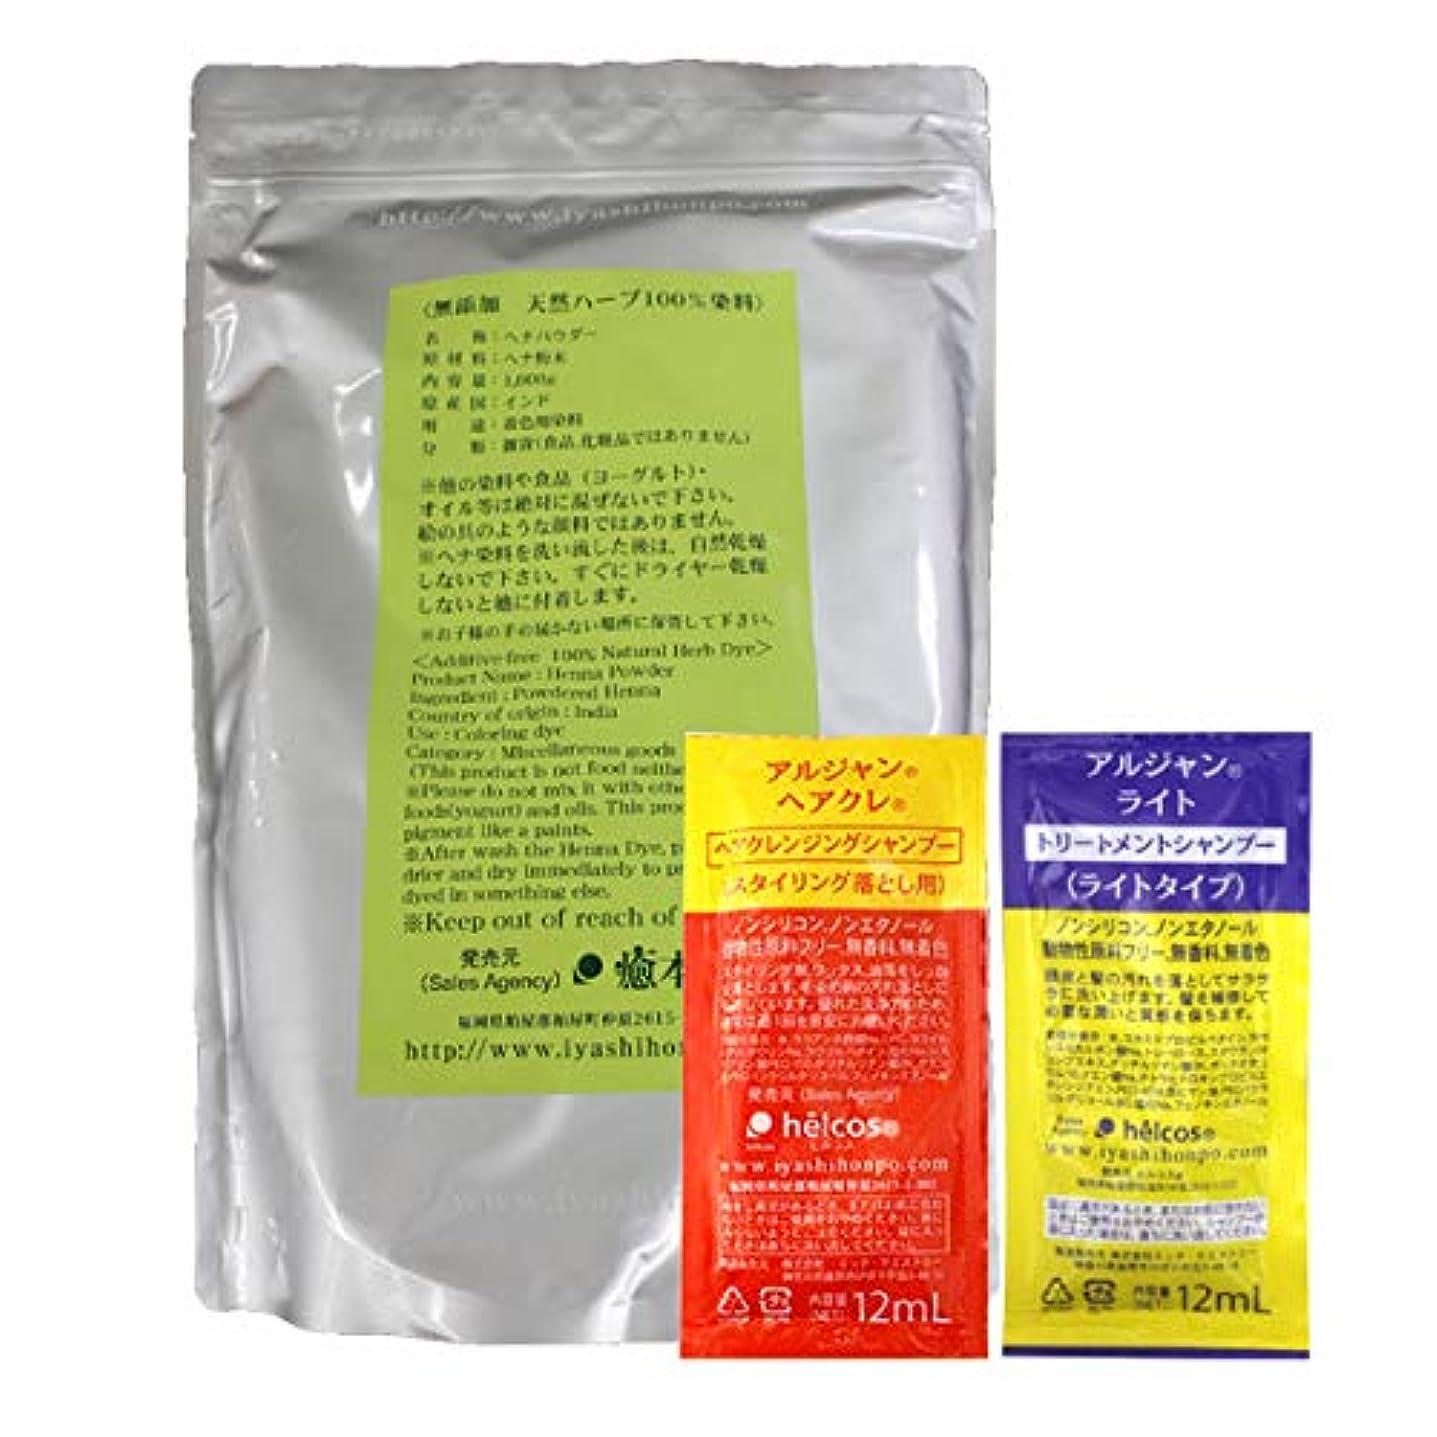 ゆるく興味直接白髪染め ヘナ(天然染料100%) 1,000g + シャンプー2種セット 癒本舗(ブラウン)